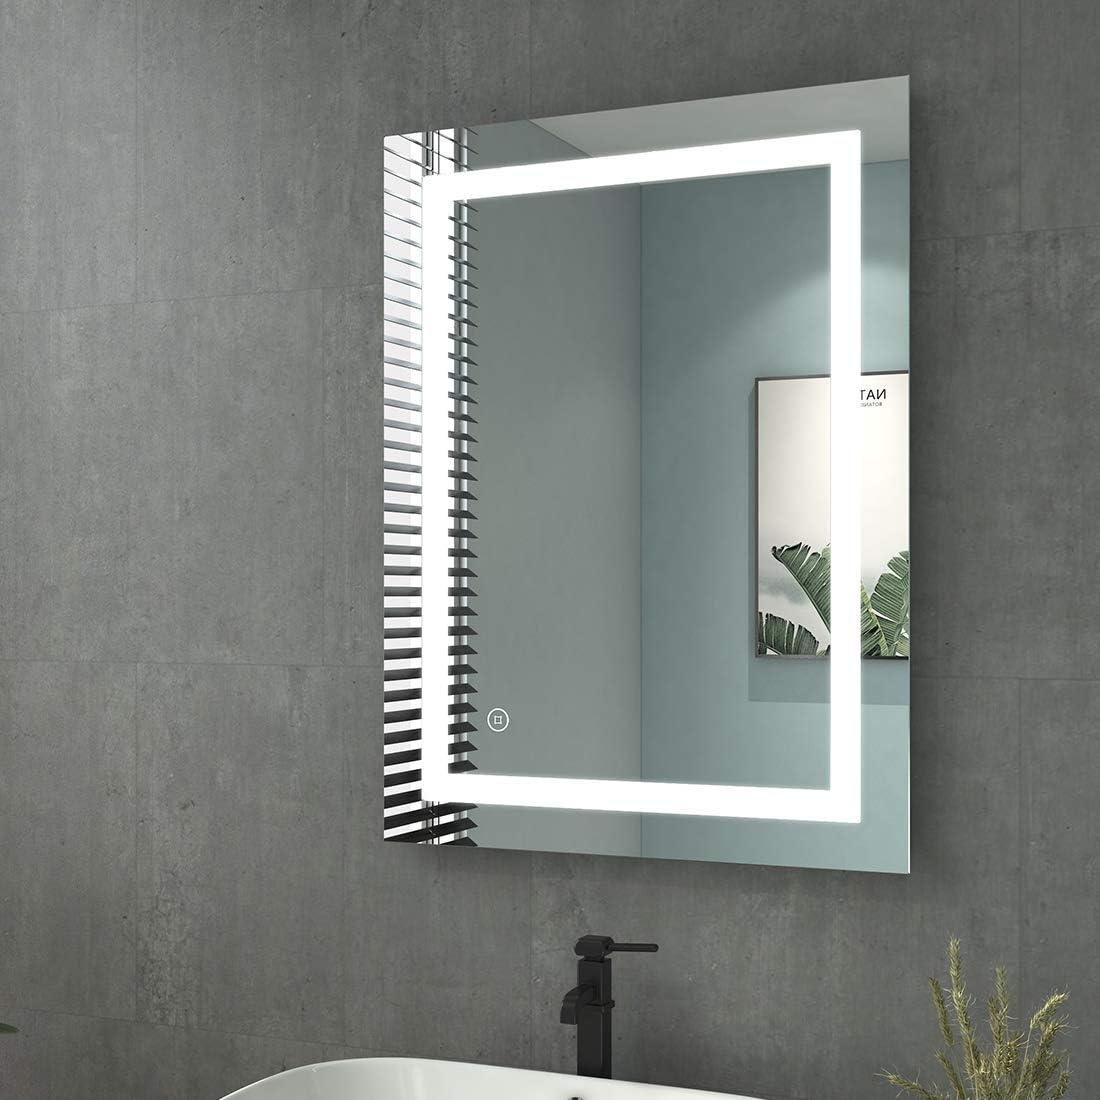 80x60cm Touch+Beschlagfrei+Uhr+3-Fach Vergr/ö/ßerung, Rechteck | Stil E Energieklass A++ welmax Badspiegel mit Beleuchtung LED Badezimmerspiegel Wandspiegel Lichtspiegel Wasserdicht IP44